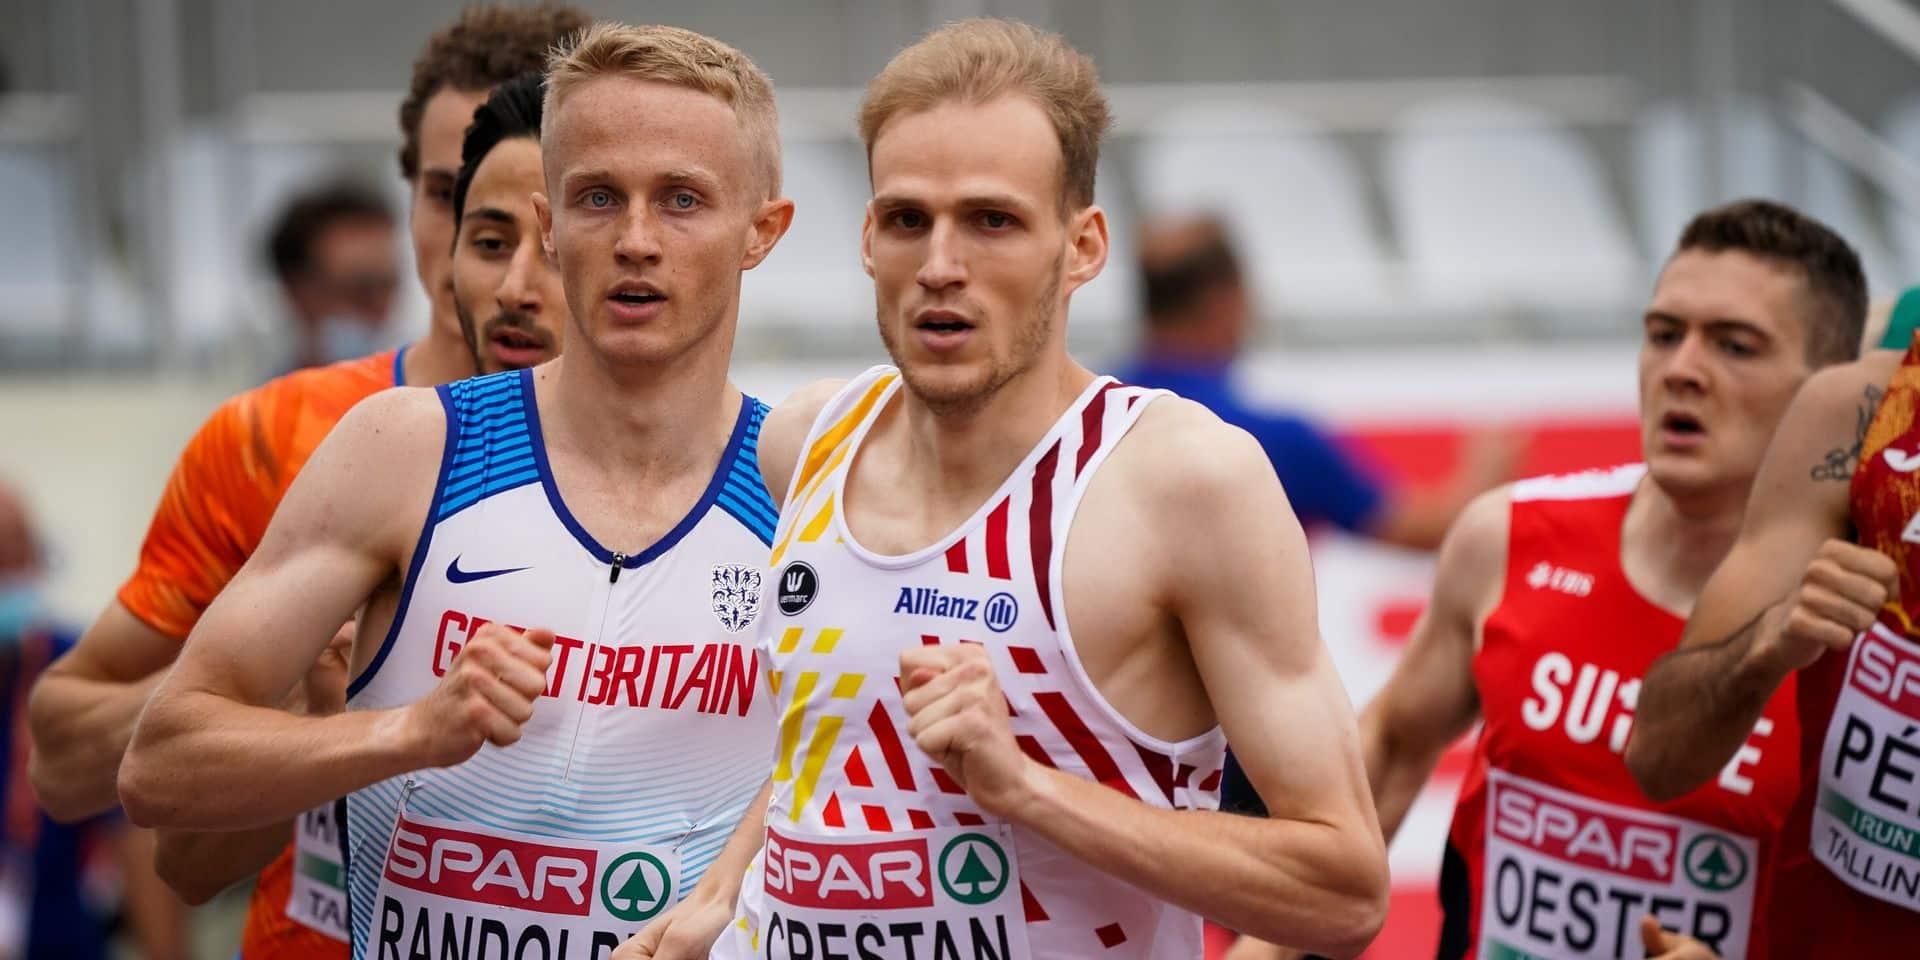 """Eliott Crestan, médaillé d'argent à l'Euro U23: """"J'ai mis l'athlétisme au premier plan"""""""